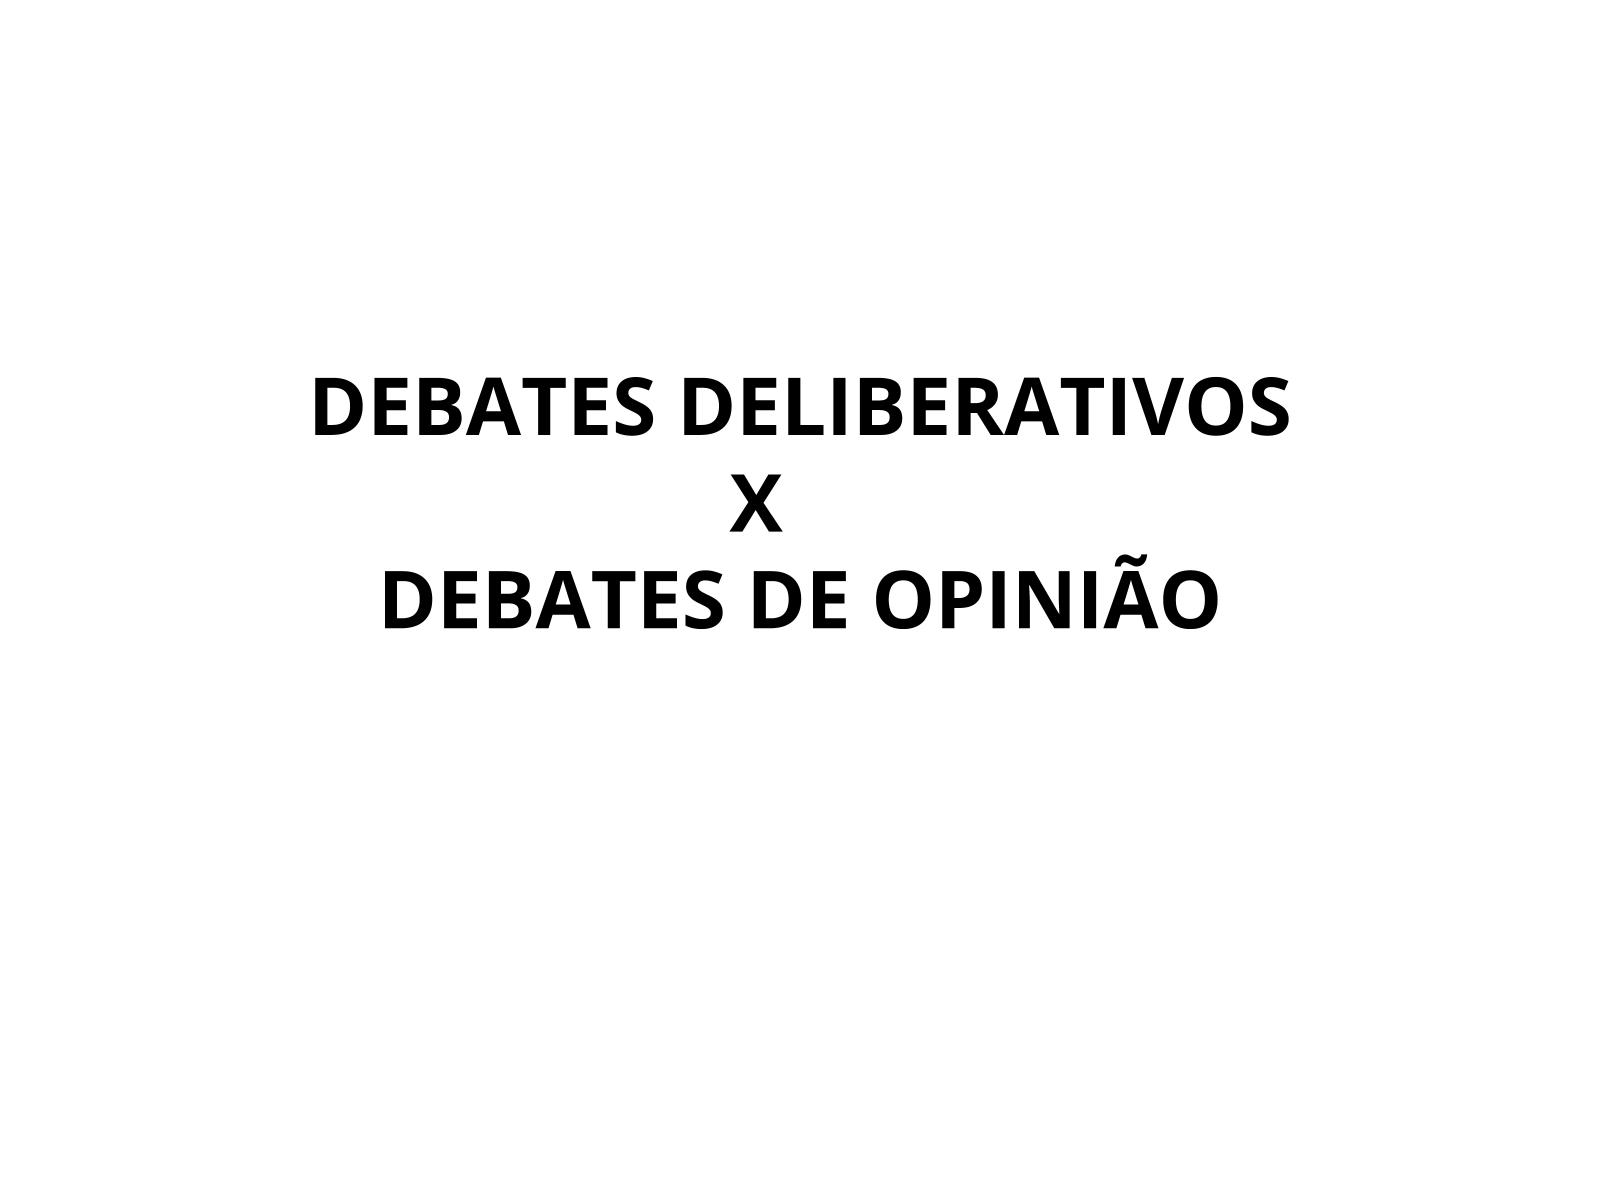 Planejamento de um debate